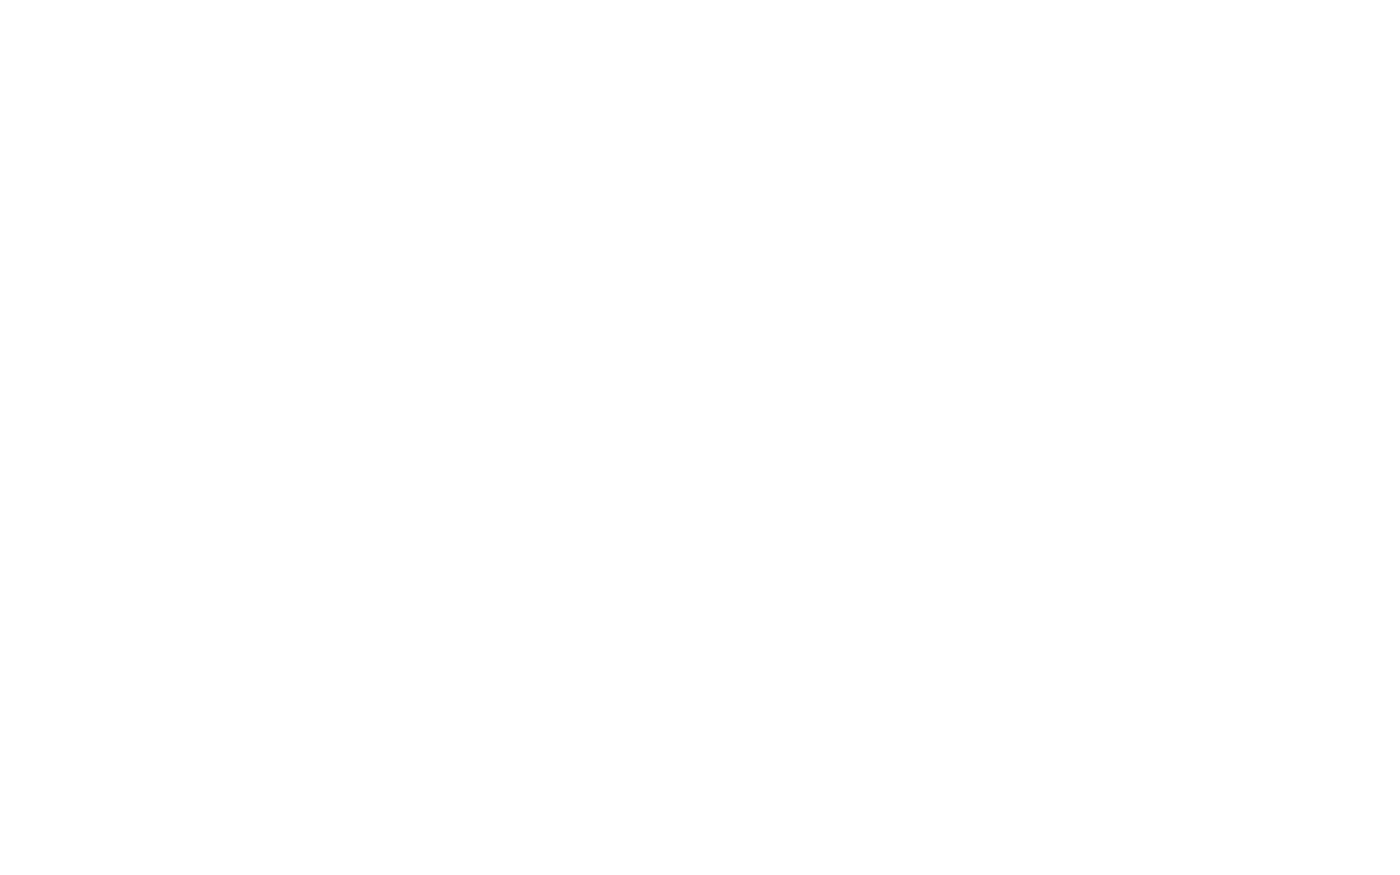 気温別コーディネート特集